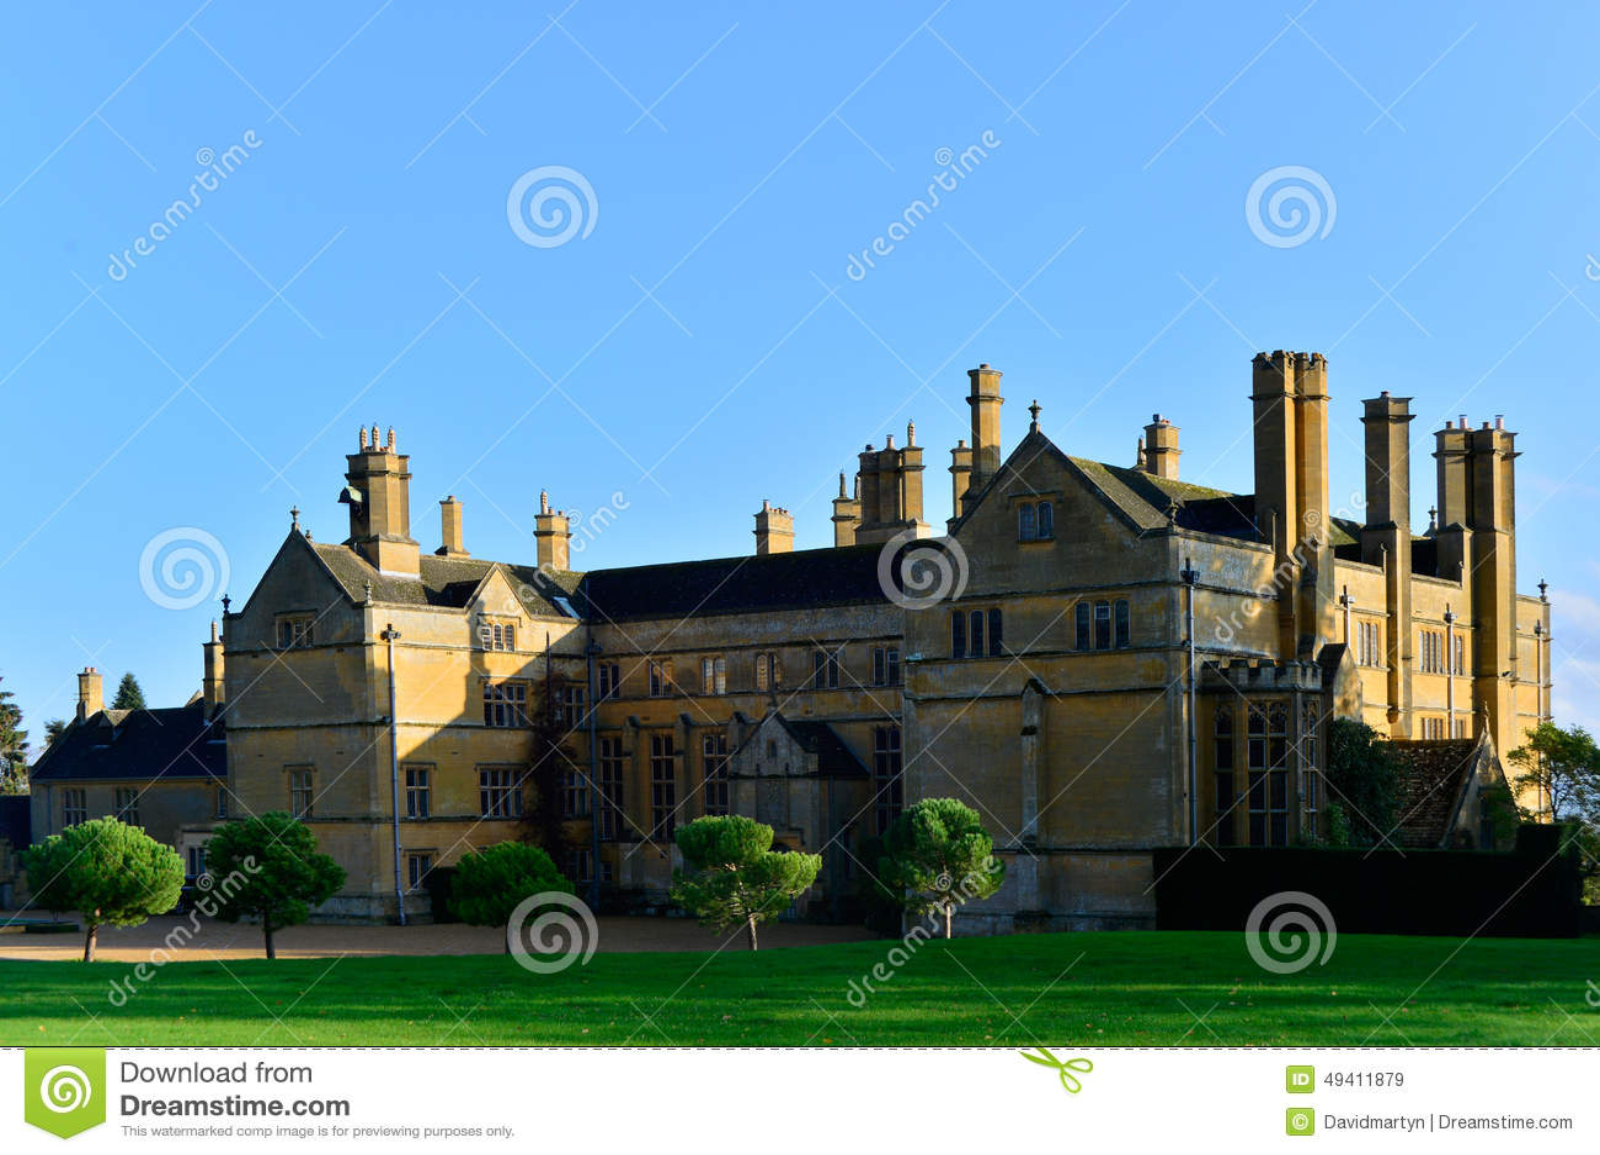 Download Prächtiges Haus stockbild. Bild von millionaire, villa - 49411879